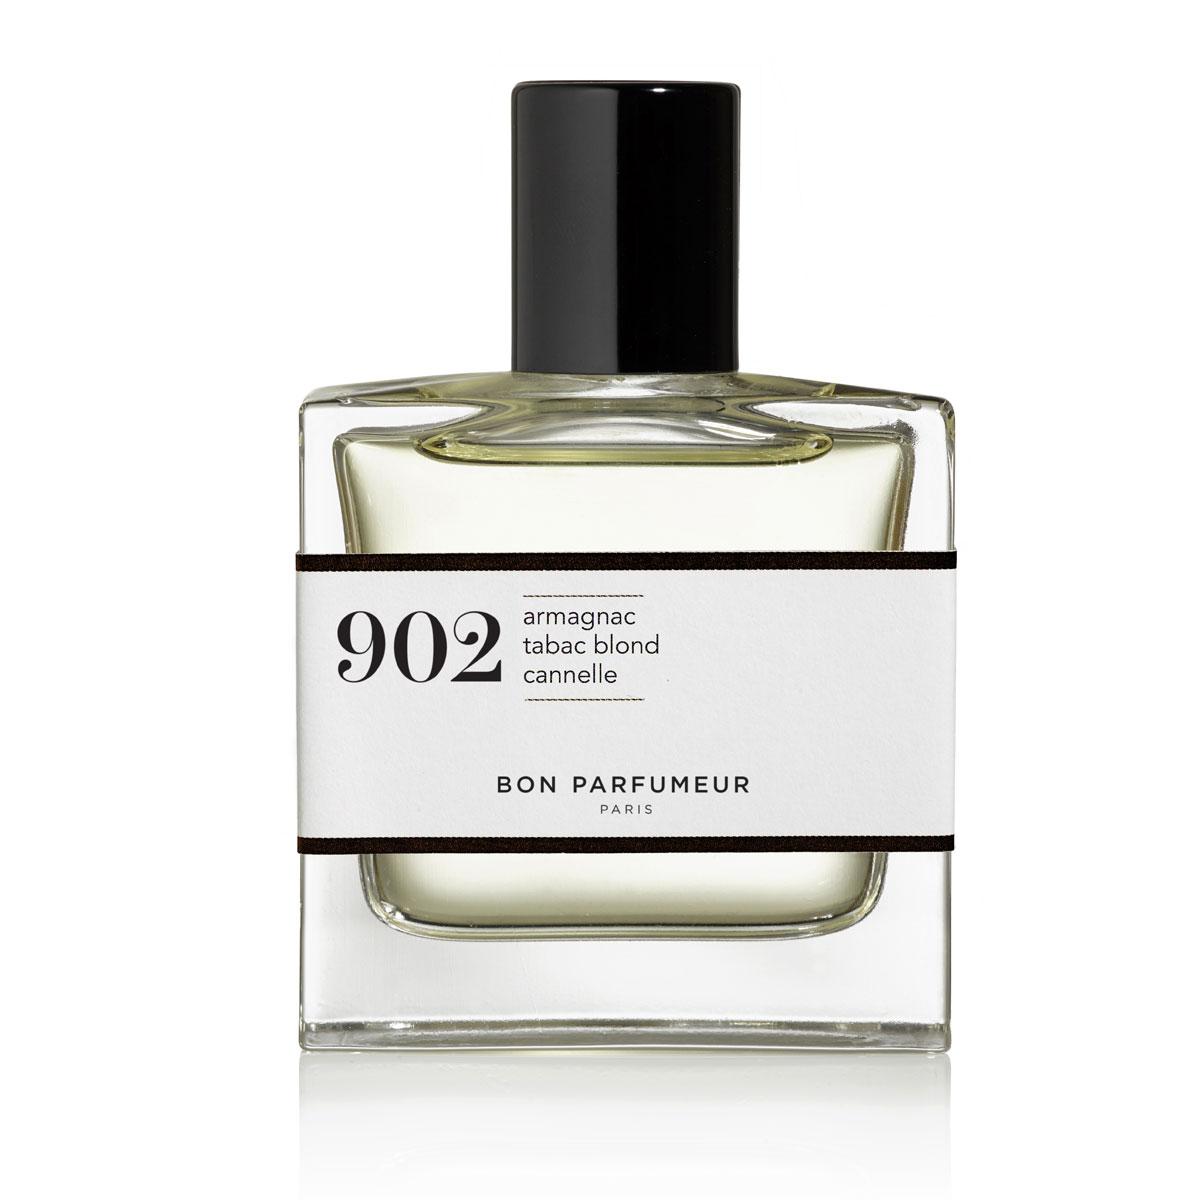 Eau de Parfum 902